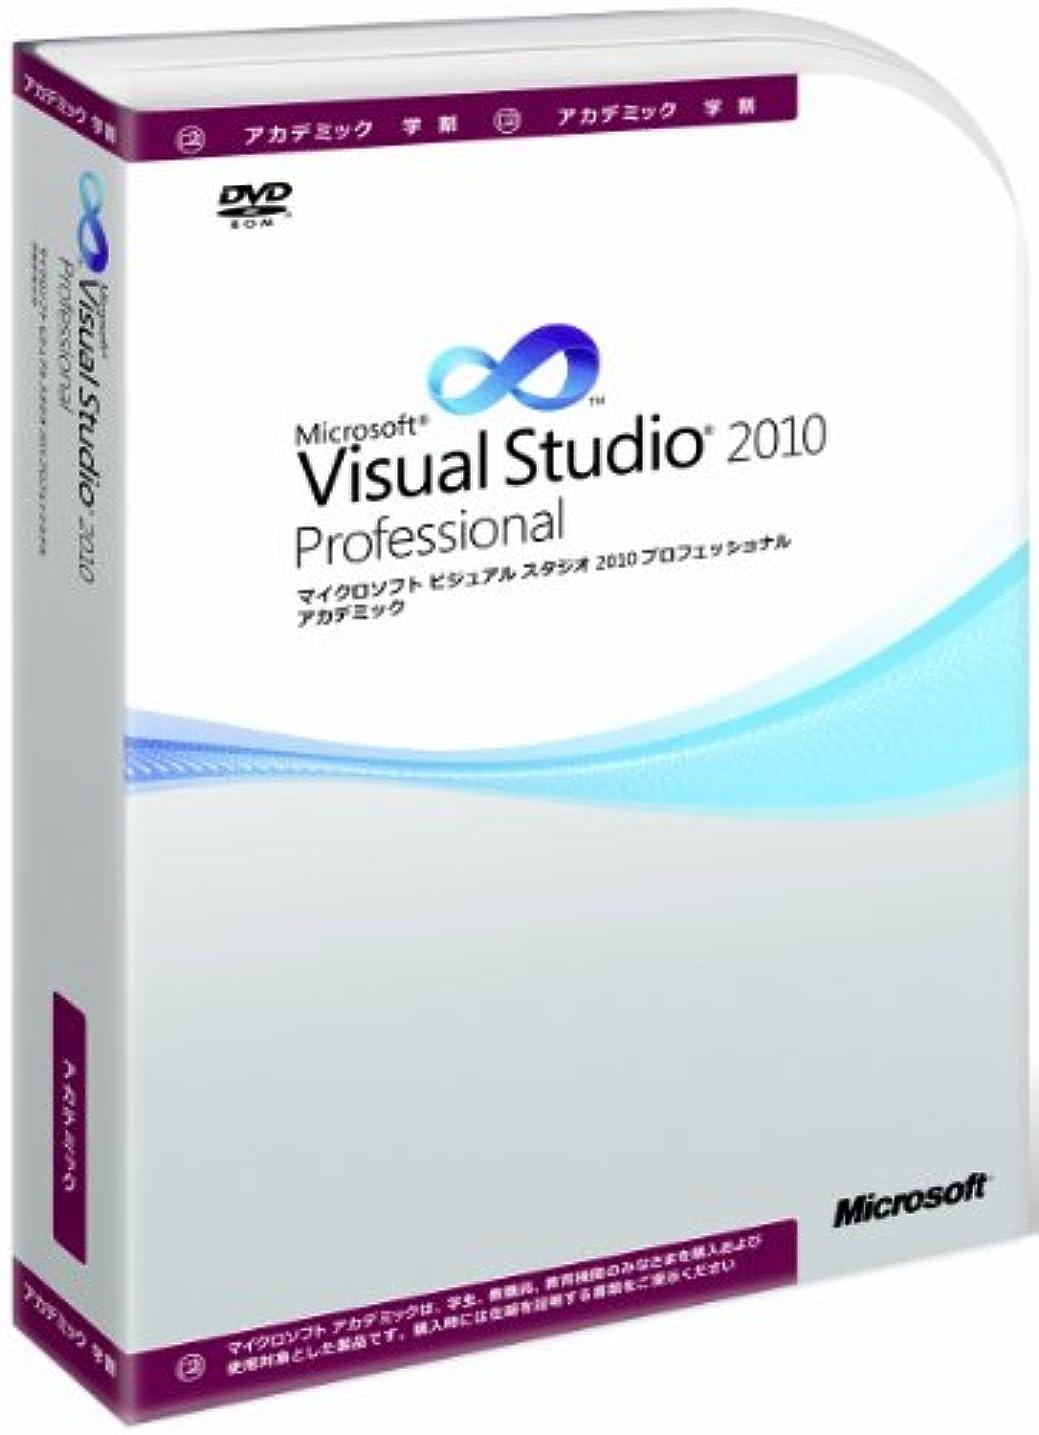 ワークショップ動物ジャンクションMicrosoft Visual Studio 2010 Professional アカデミック